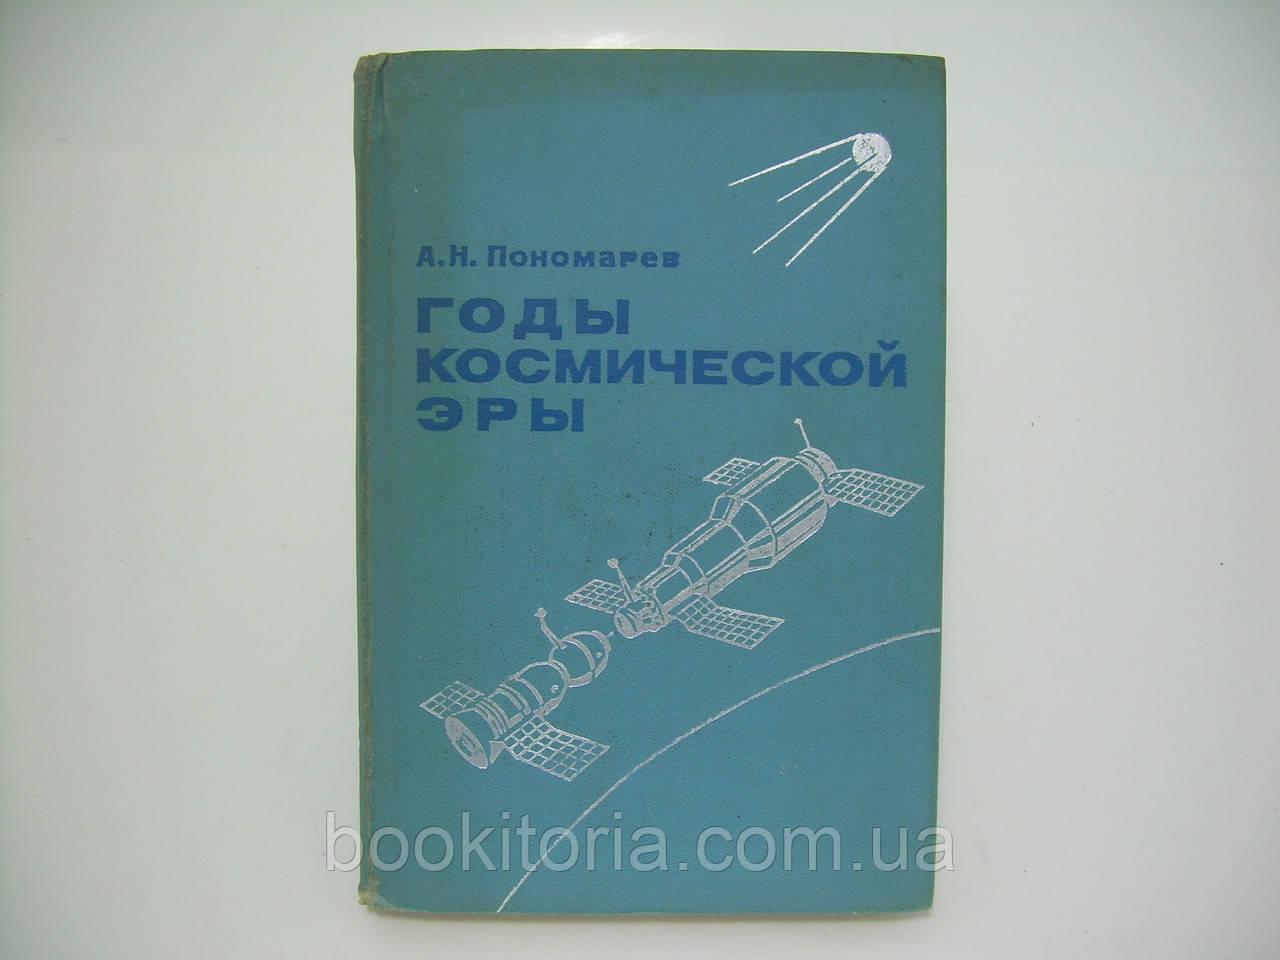 Пономарев А.Н. Годы космической эры (б/у).